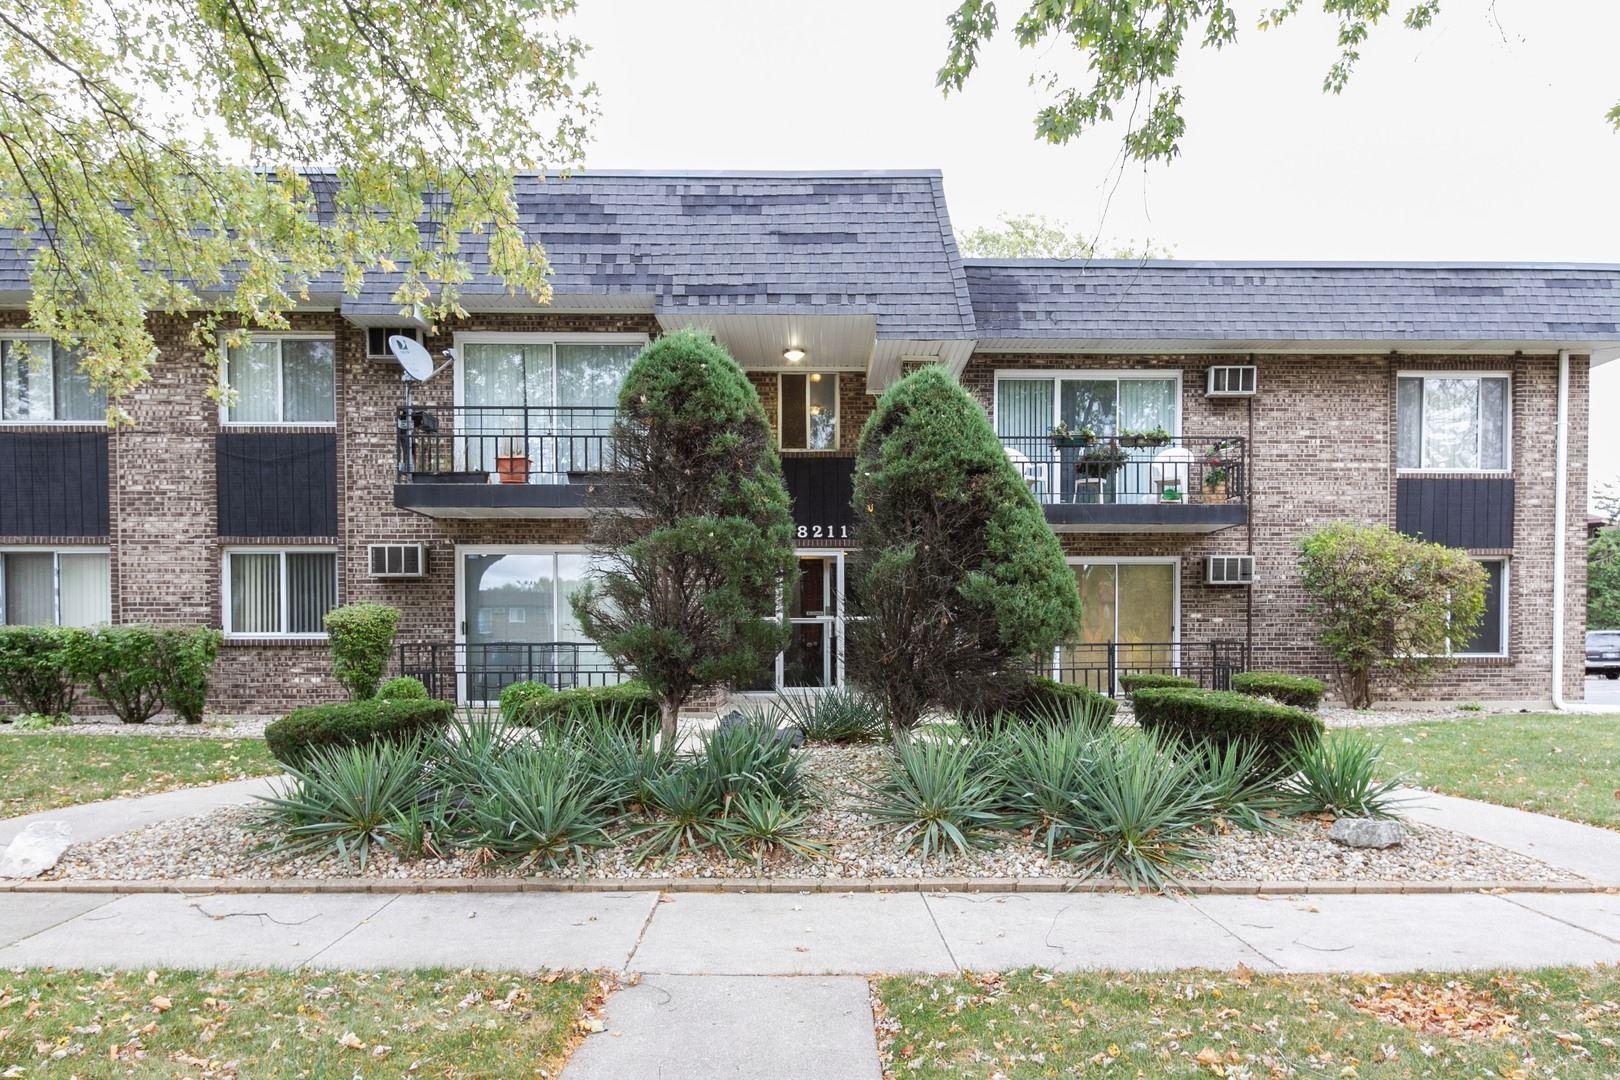 Photo of 18211 Hart Drive #5B, Homewood, IL 60430 (MLS # 11005827)